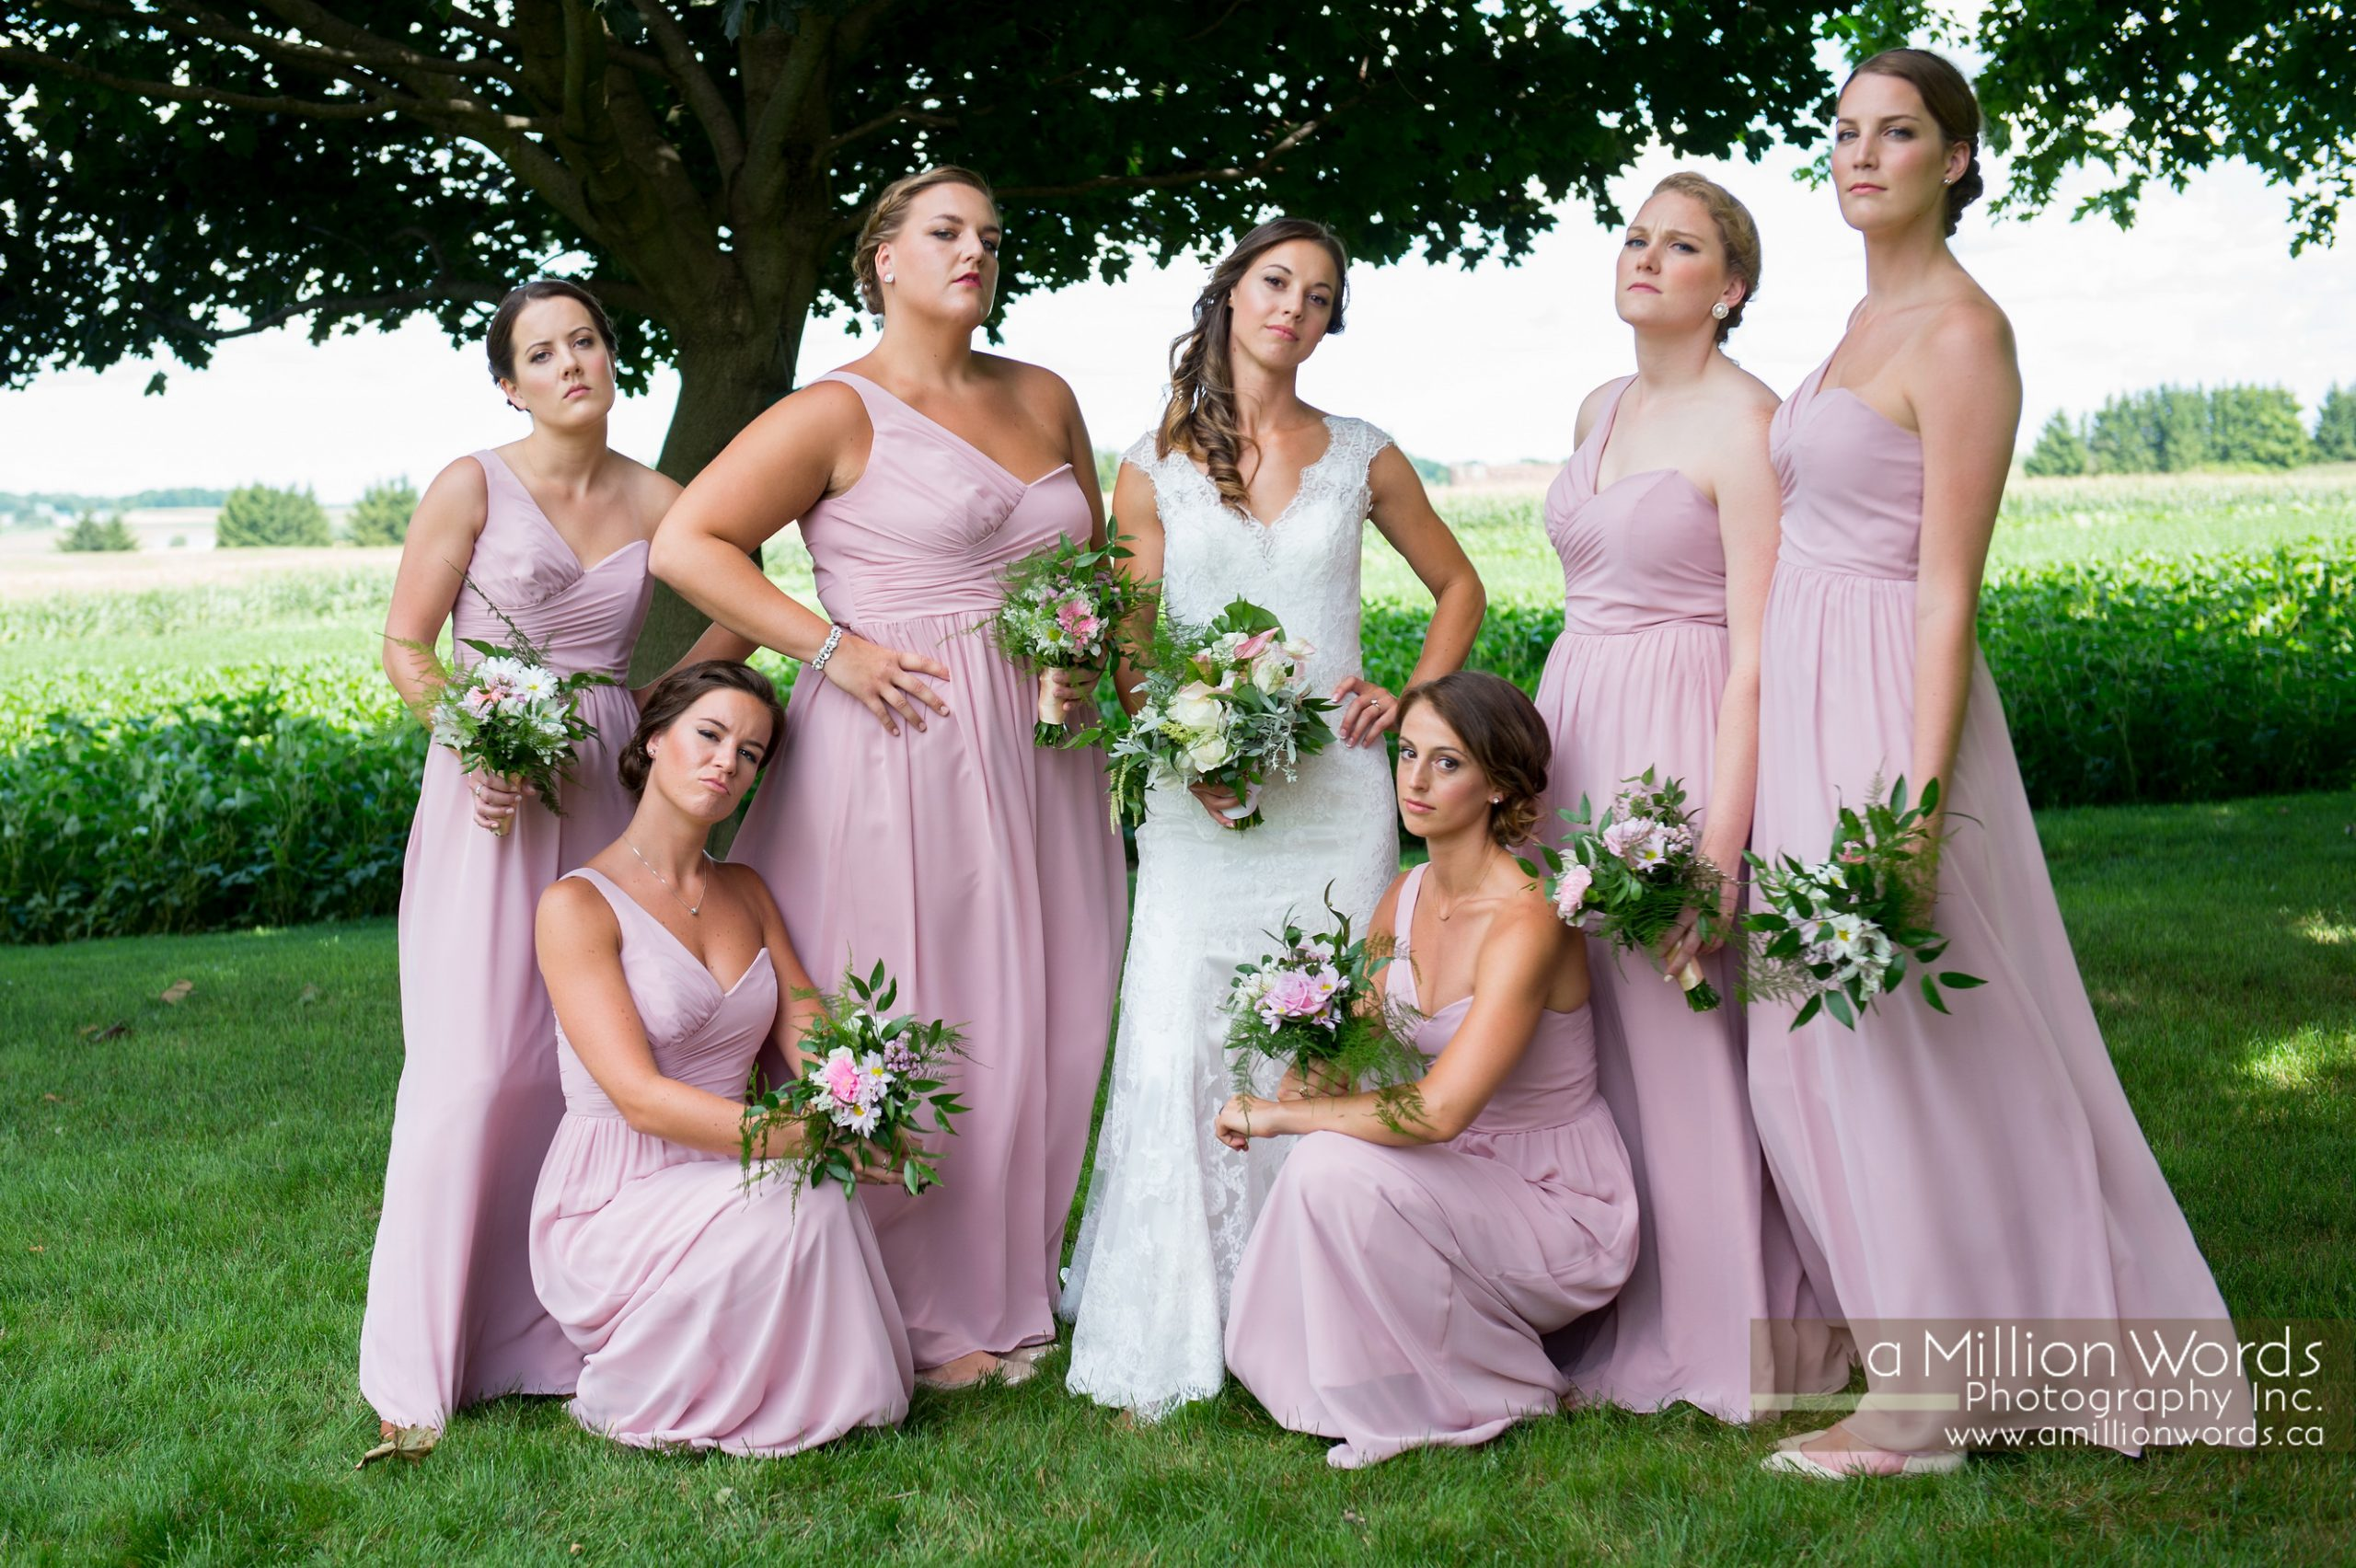 kw_wedding_photography18